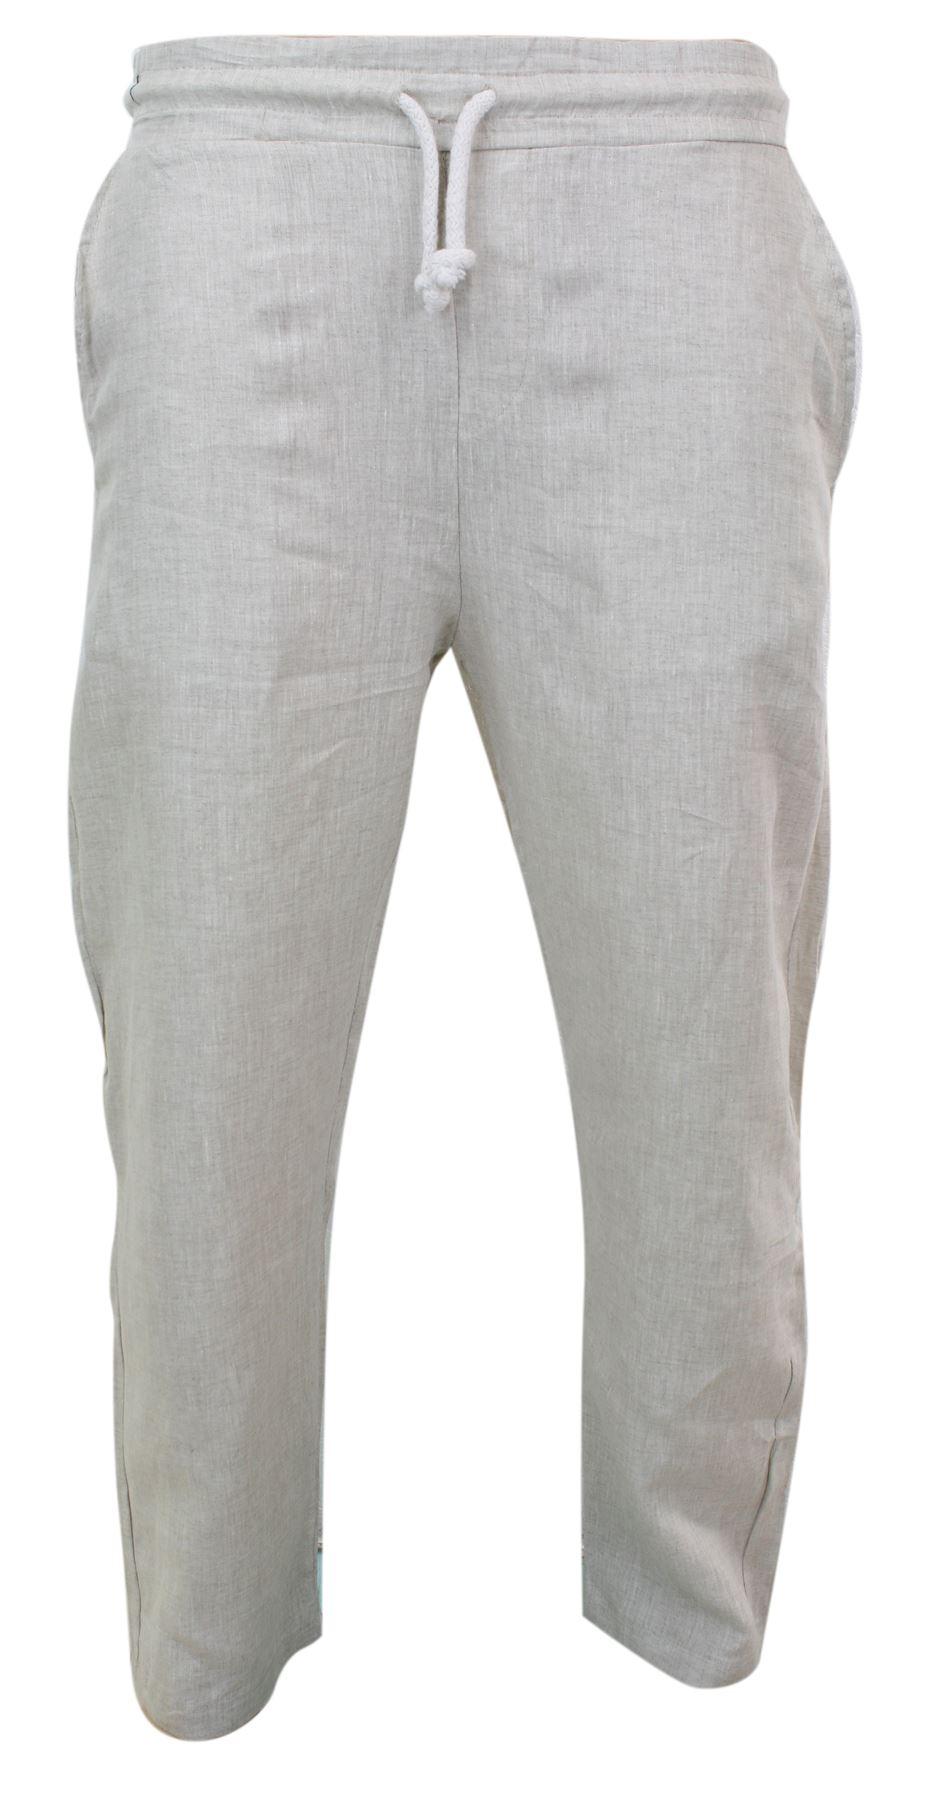 Lin Pur Chic Décontracté Pantalon Taille Homme nxwfBEvUqY